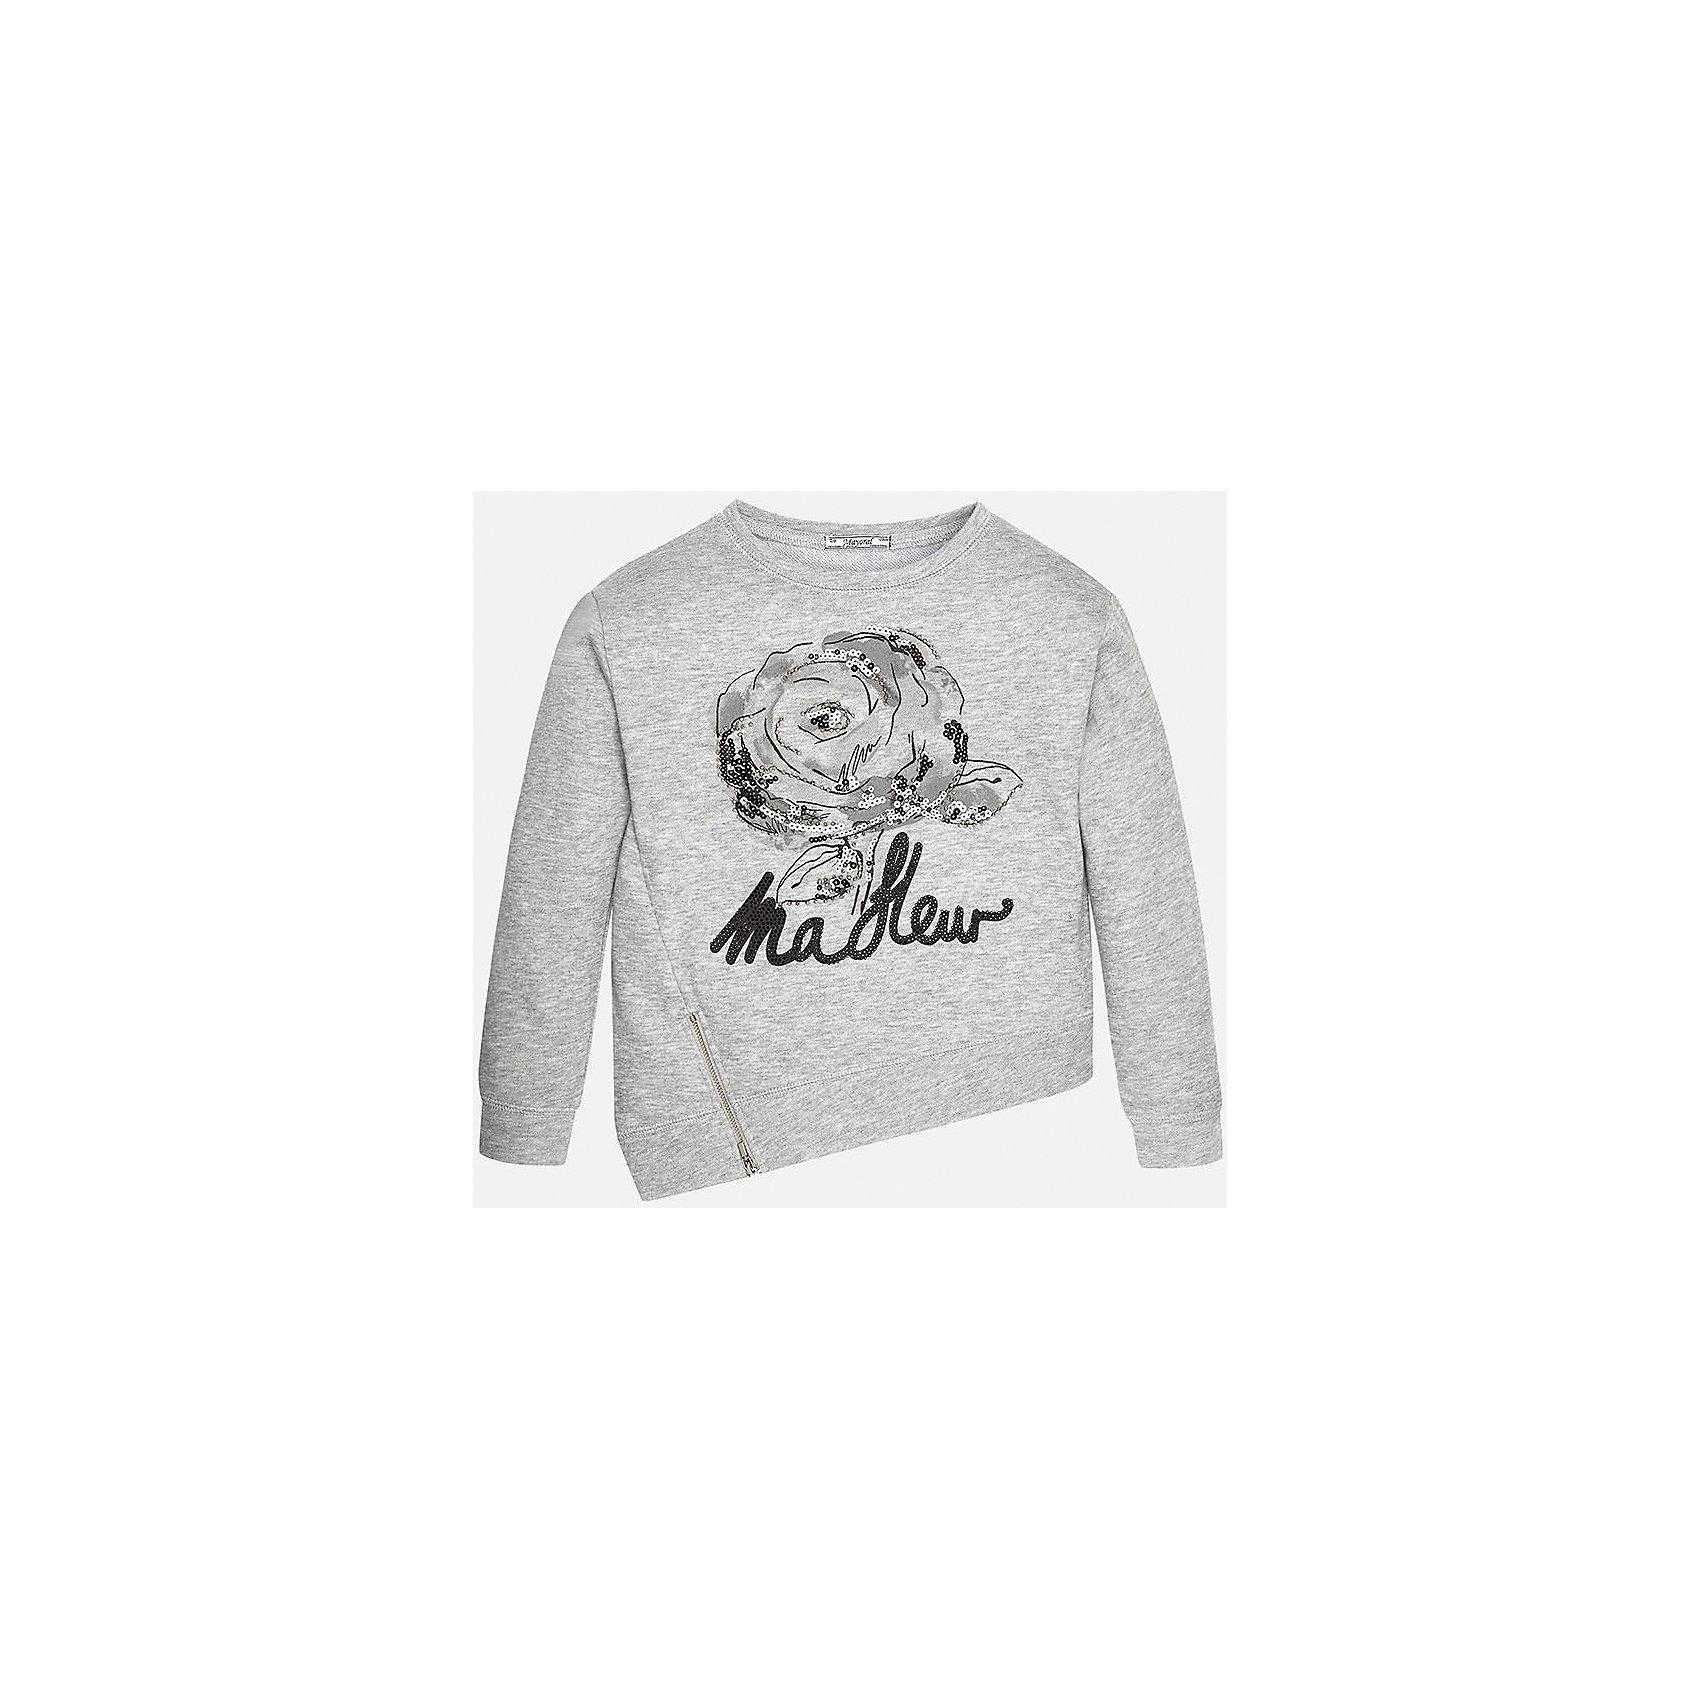 Свитер для девочки MayoralСвитер для девочки от популярного испанского бренда Mayoral(Майорал) изготовлен из качественных дышащих материалов. Дизайн приятно порадует вас и ребенка. Ассиметричный подол, принт, стразы, пайетки, молния - в этом свитере есть все, что нужно для стильного и оригинального образа!<br>Дополнительная информация:<br>-ассиметричный подол<br>-украшен принтом, стразами и пайетками<br>-цвет: серый<br>-состав: 65% полиэстер, 35% хлопок<br>Свитер для девочки Mayoral(Майорал) вы можете приобрести в нашем интернет-магазине.<br><br>Ширина мм: 190<br>Глубина мм: 74<br>Высота мм: 229<br>Вес г: 236<br>Цвет: серый<br>Возраст от месяцев: 132<br>Возраст до месяцев: 144<br>Пол: Женский<br>Возраст: Детский<br>Размер: 134/140,128/134,152/158,158/164,164/170,146/152<br>SKU: 4847220